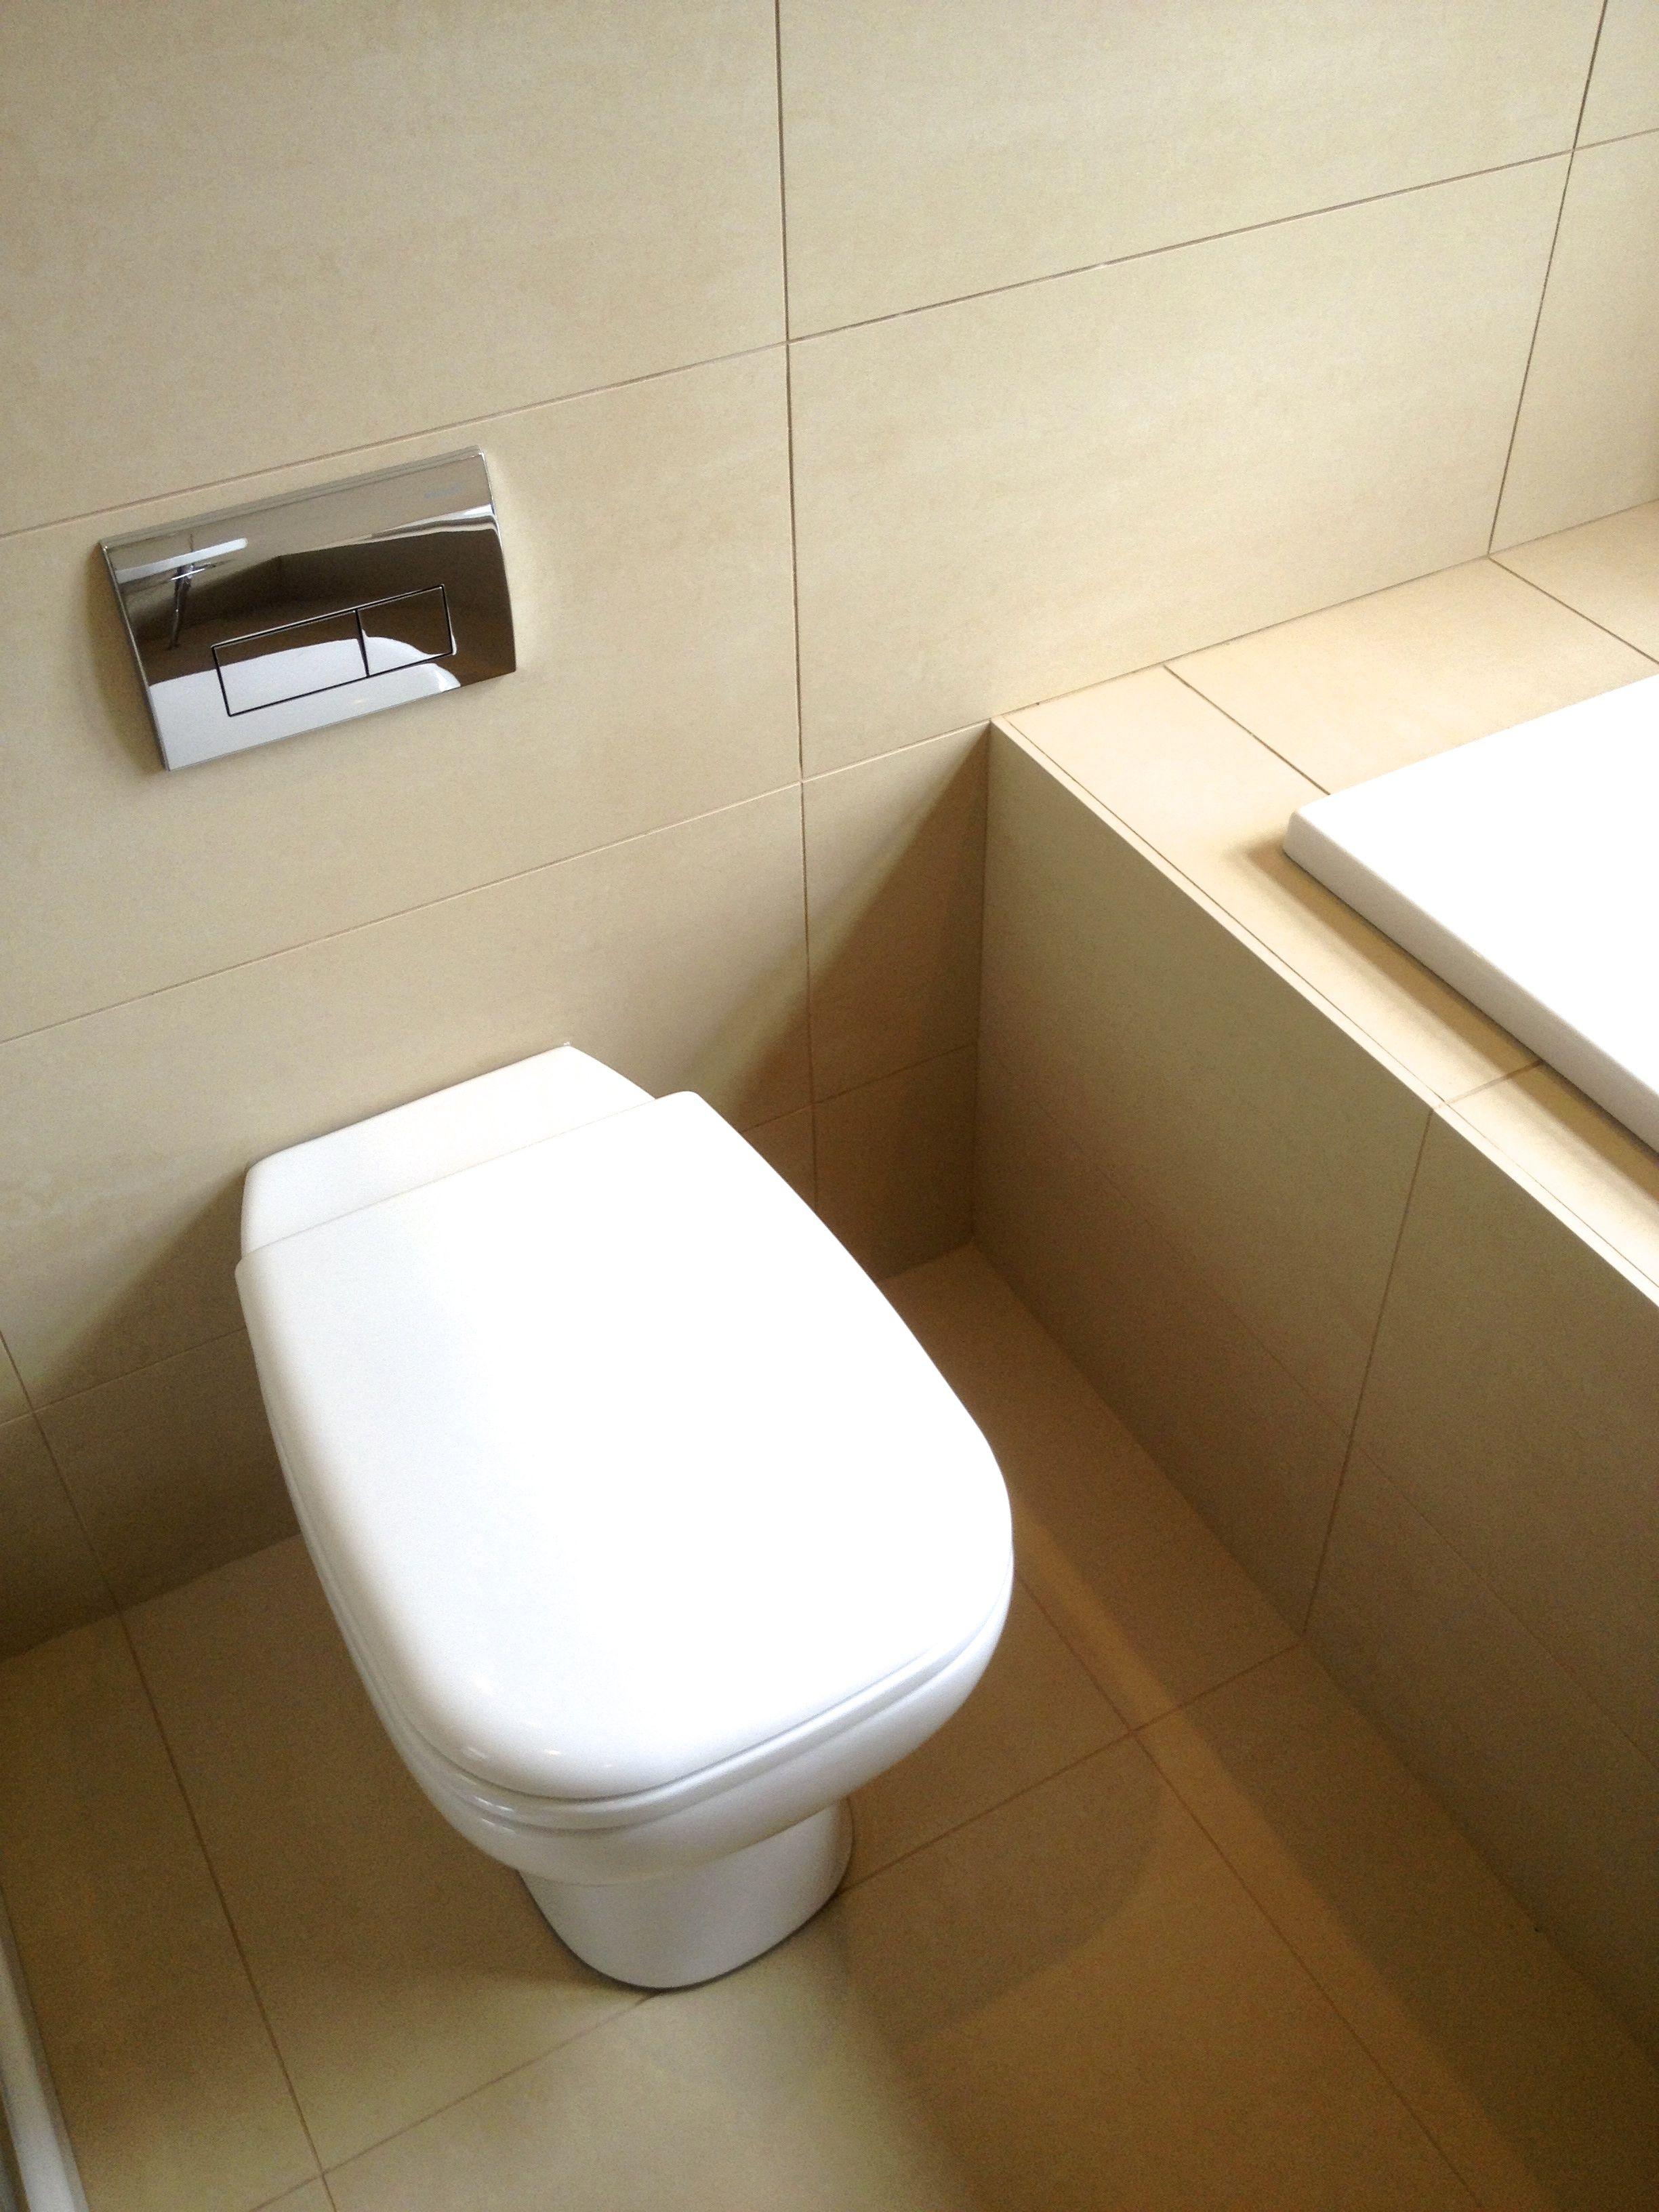 Contemporary Bathroom Refit In Clopton Hall Kimbolton Features - Bathroom refit